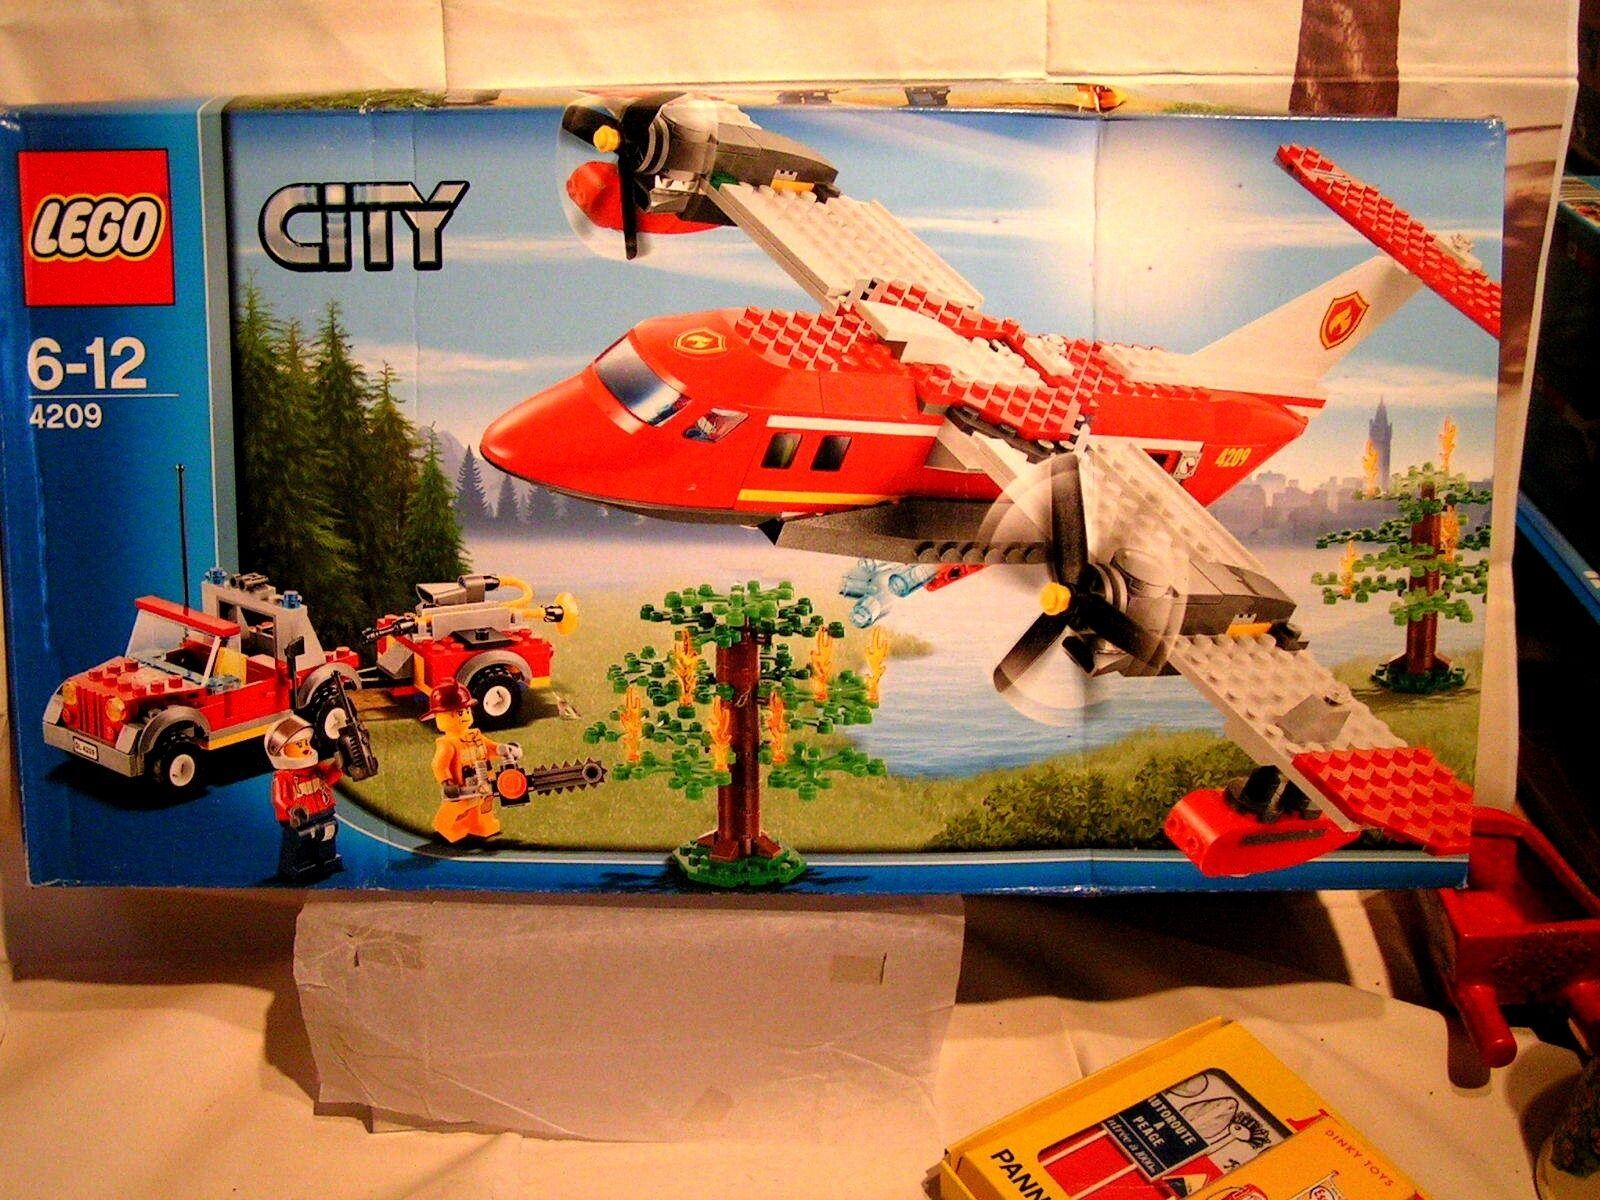 LEGO CITY - SCELLE - LE CANADAIR DES POMPIERS ET LA JEEP TOUT TERRAIN  ref 4209